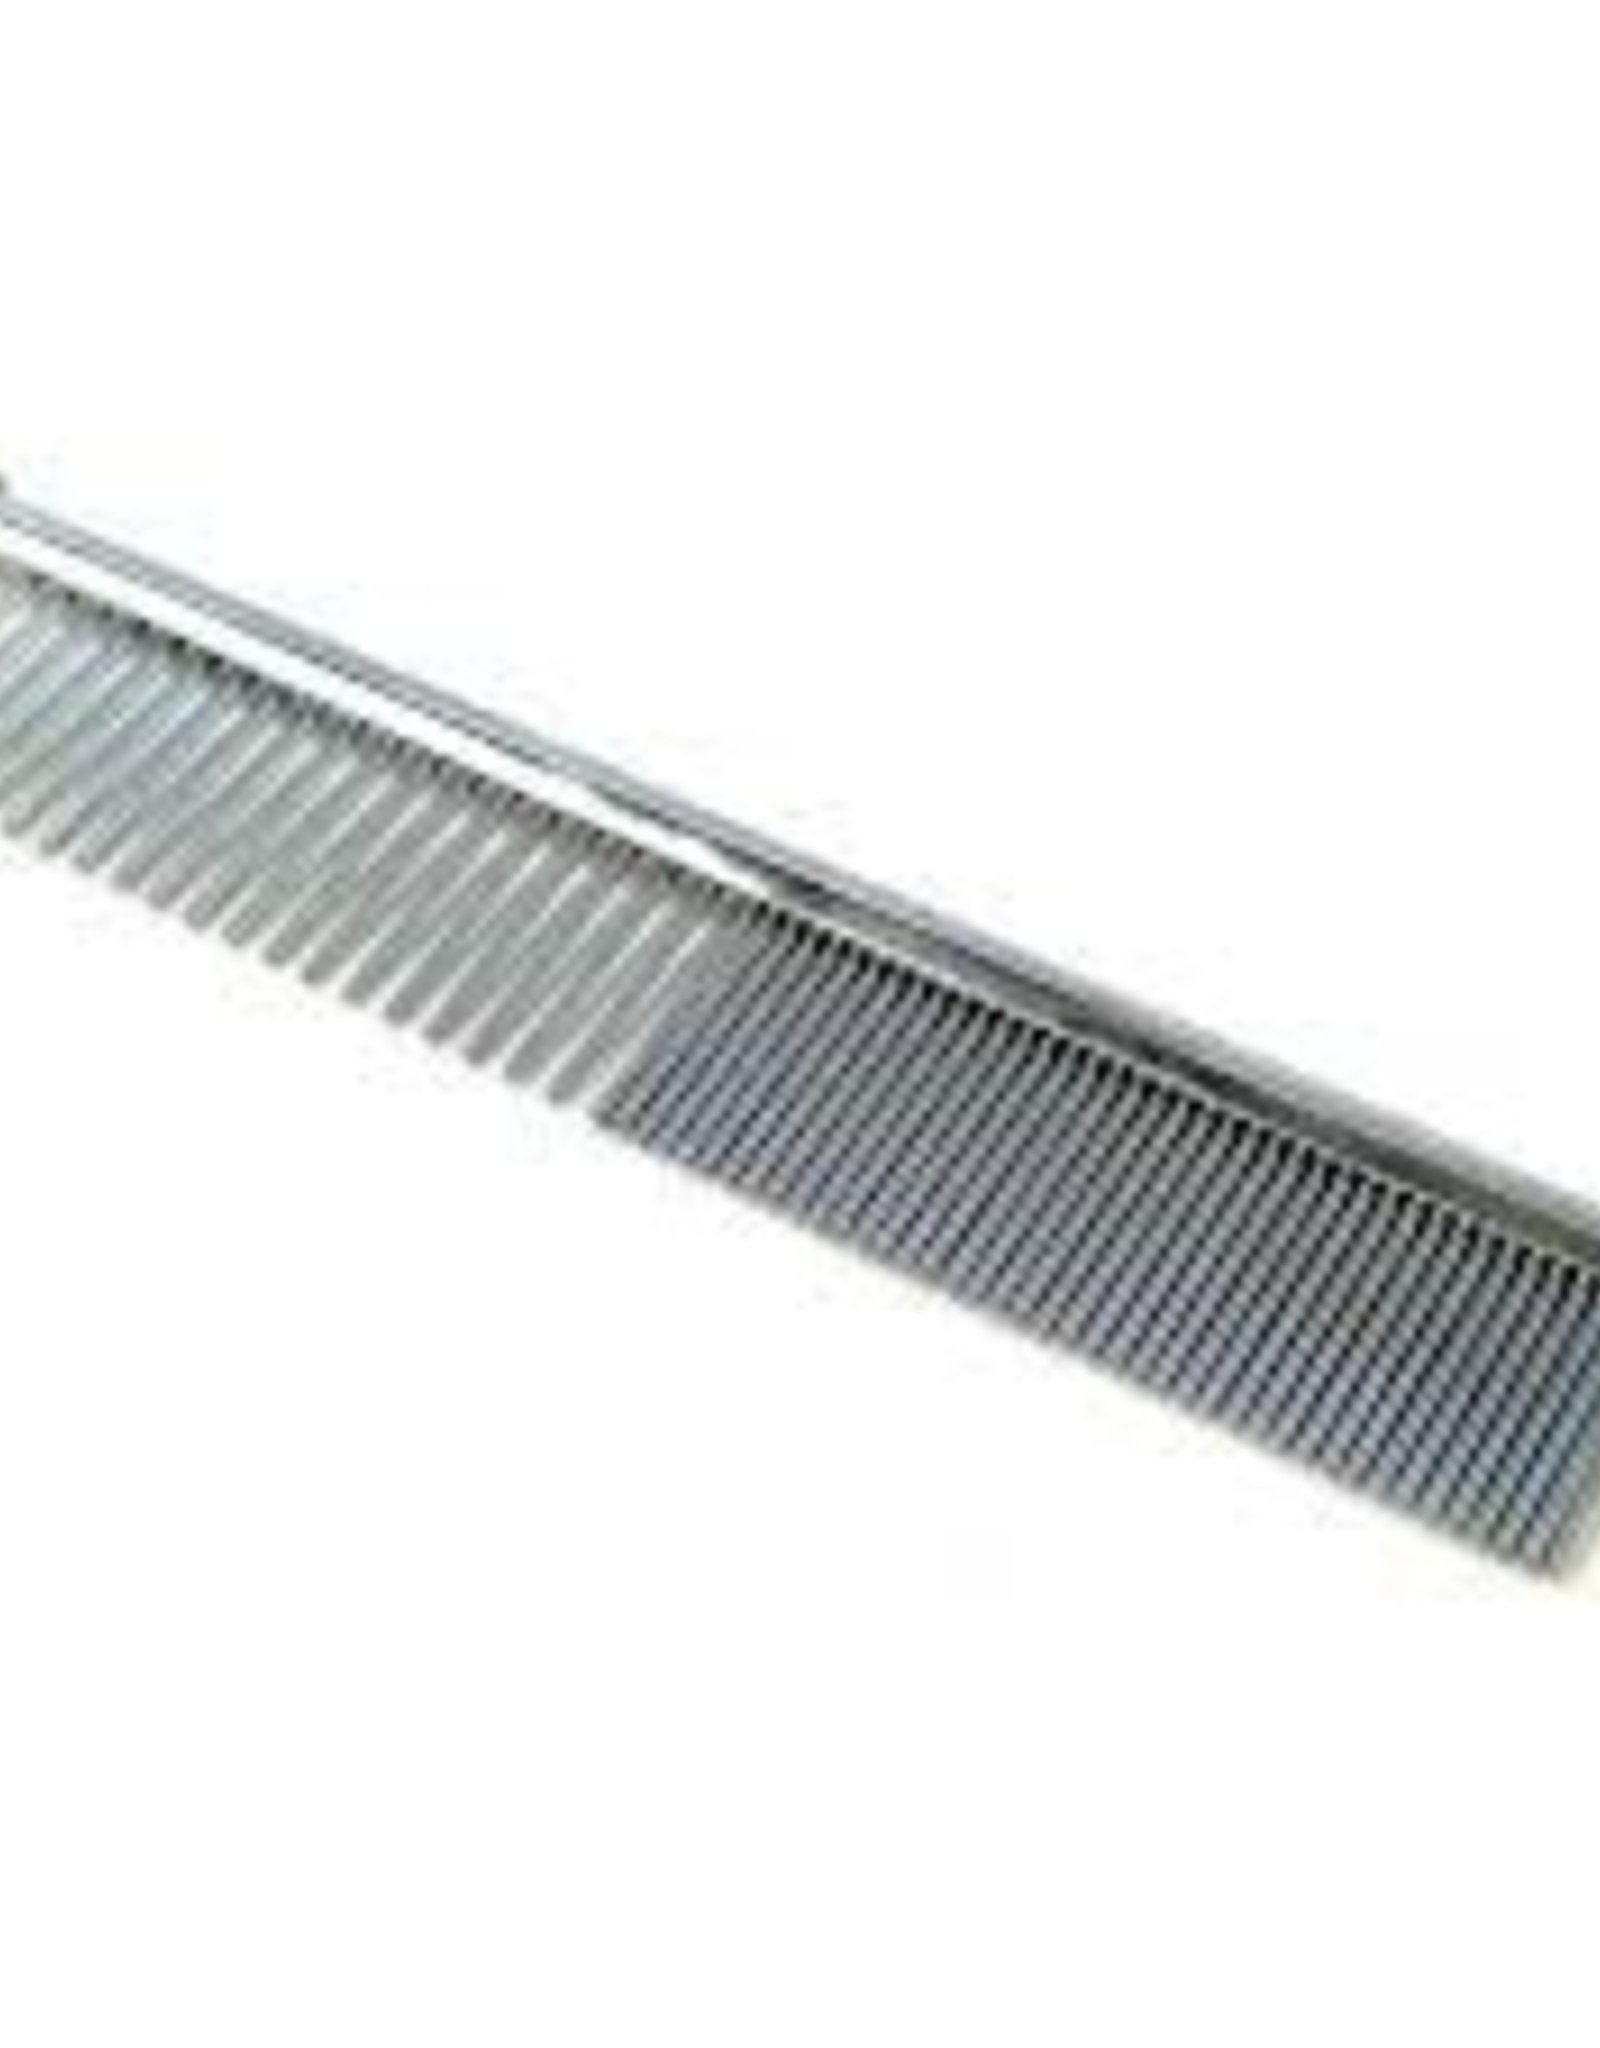 Coastal Metal Comb Metal Medium/Coarse